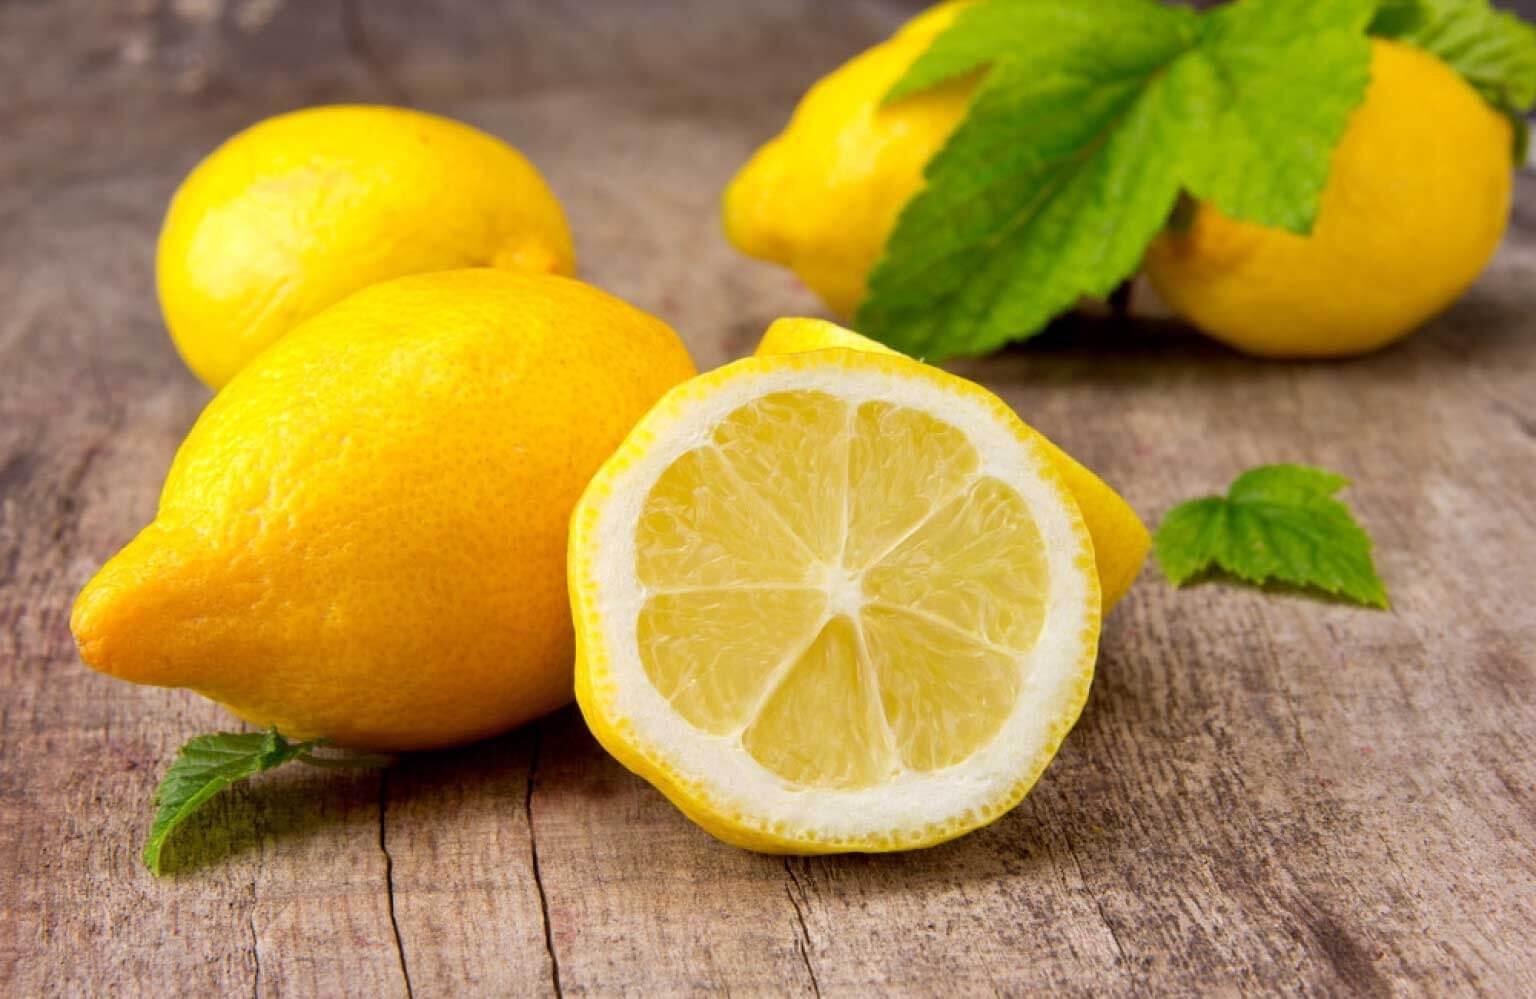 Лимон при боли в горле: действие и лучшие рецепты